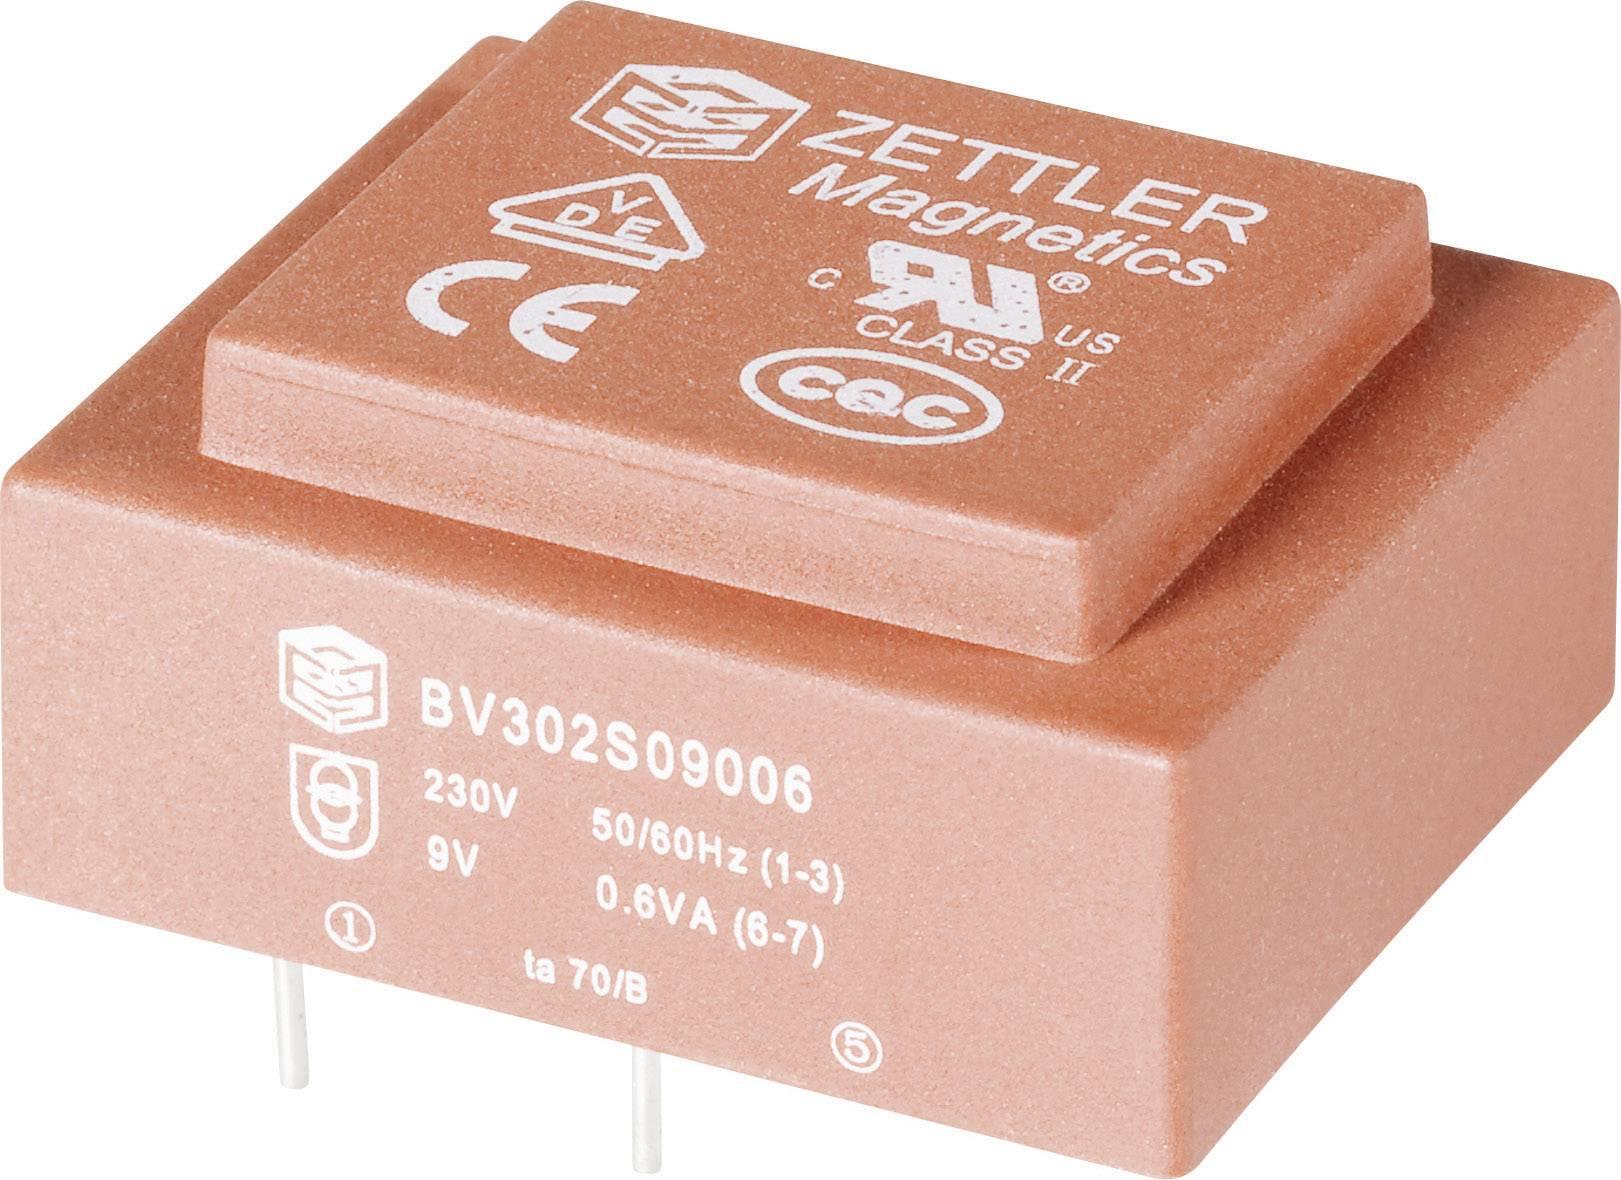 Transformátor do DPS Zettler Magnetics El30, 230 V/6 V, 100 mA, 1,5 VA